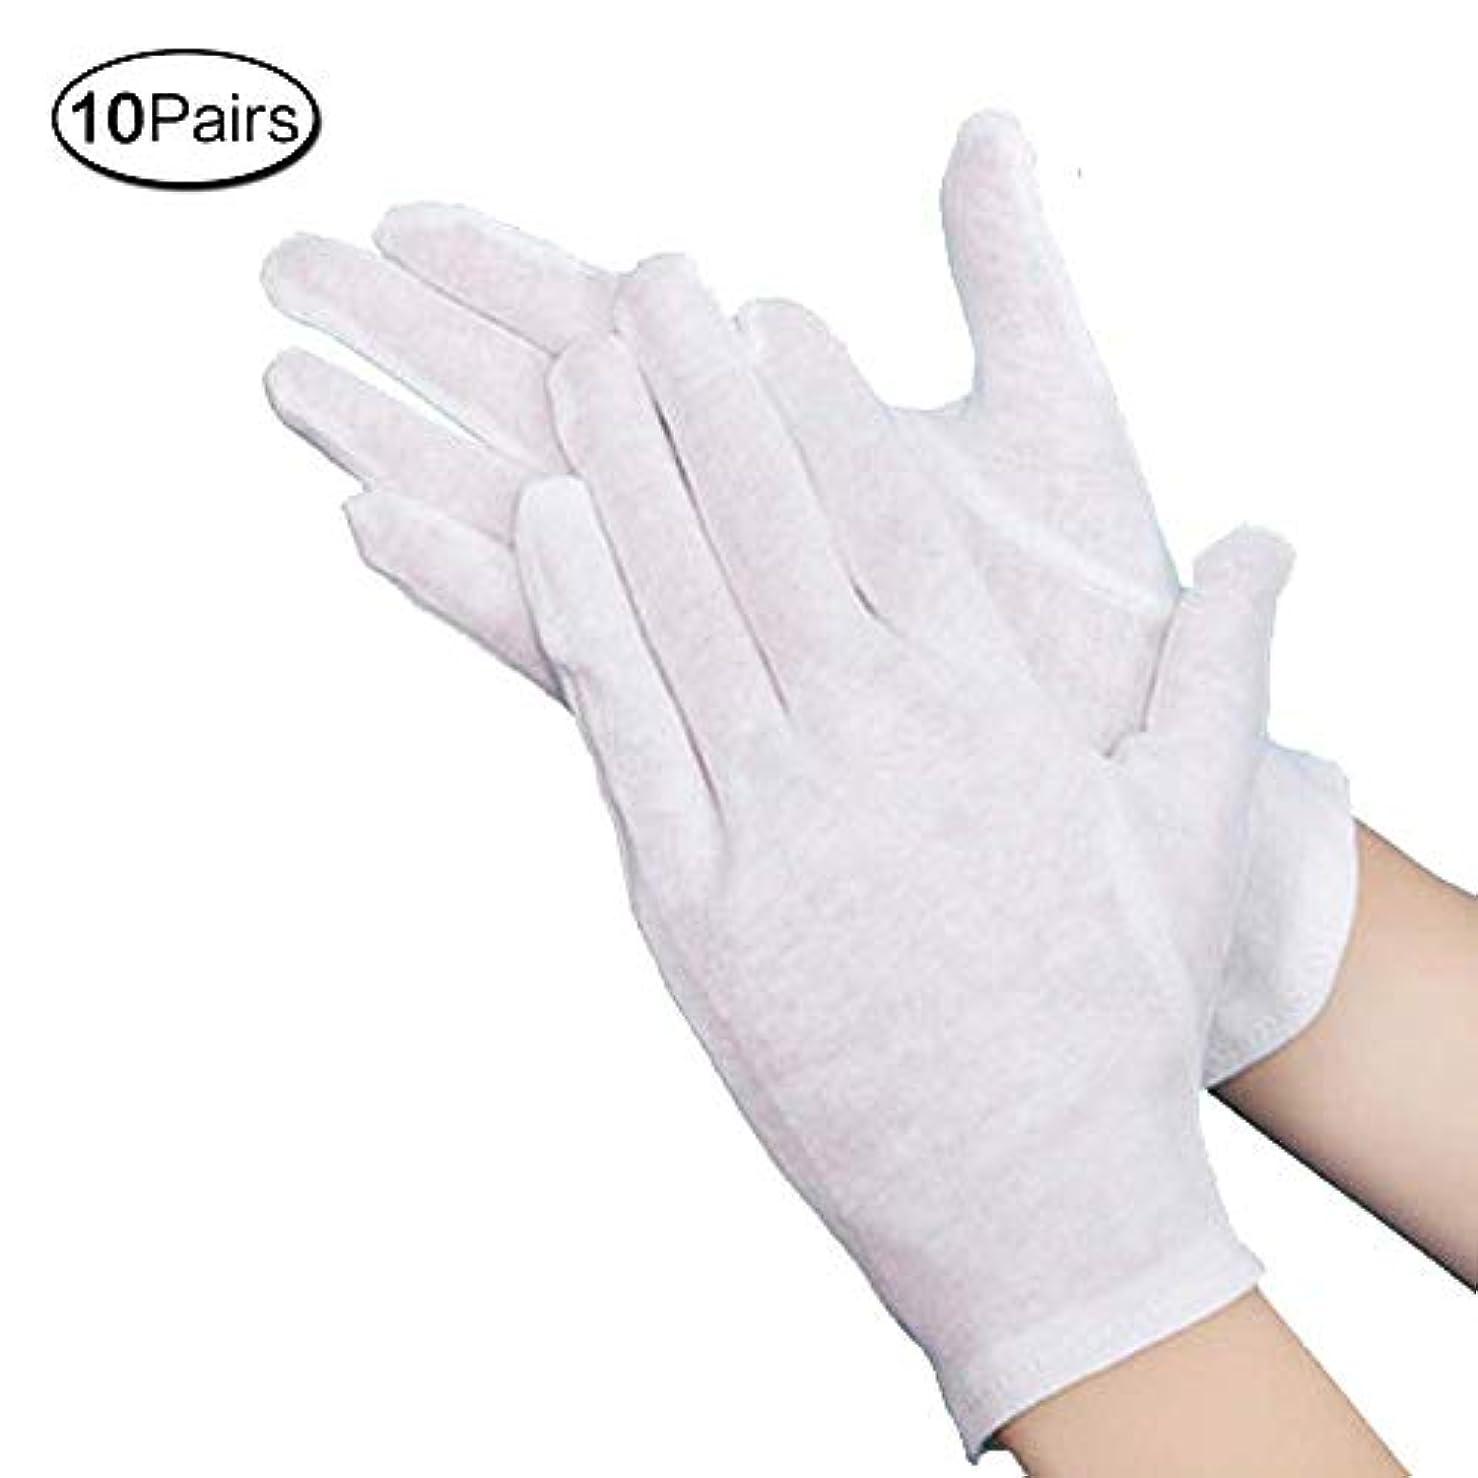 大脳エトナ山うつ綿手袋 純綿100% 通気性 コットン手袋 10双組 M